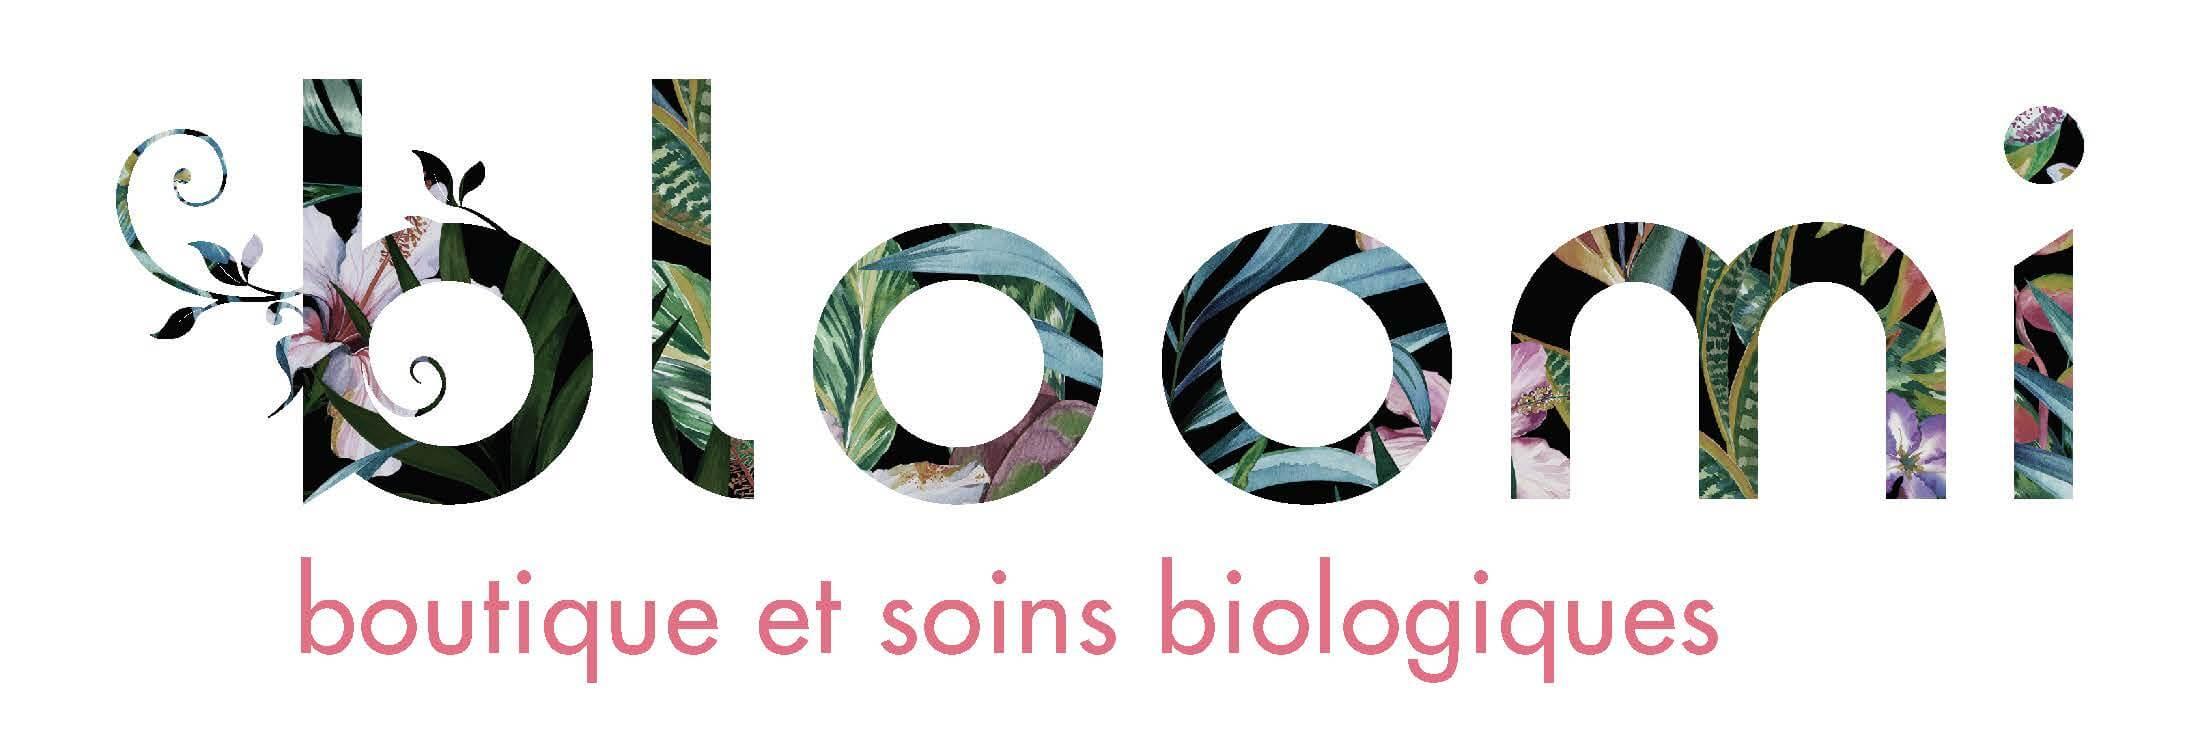 Cosmétiques Bloomi - Boutique et soins biologiques